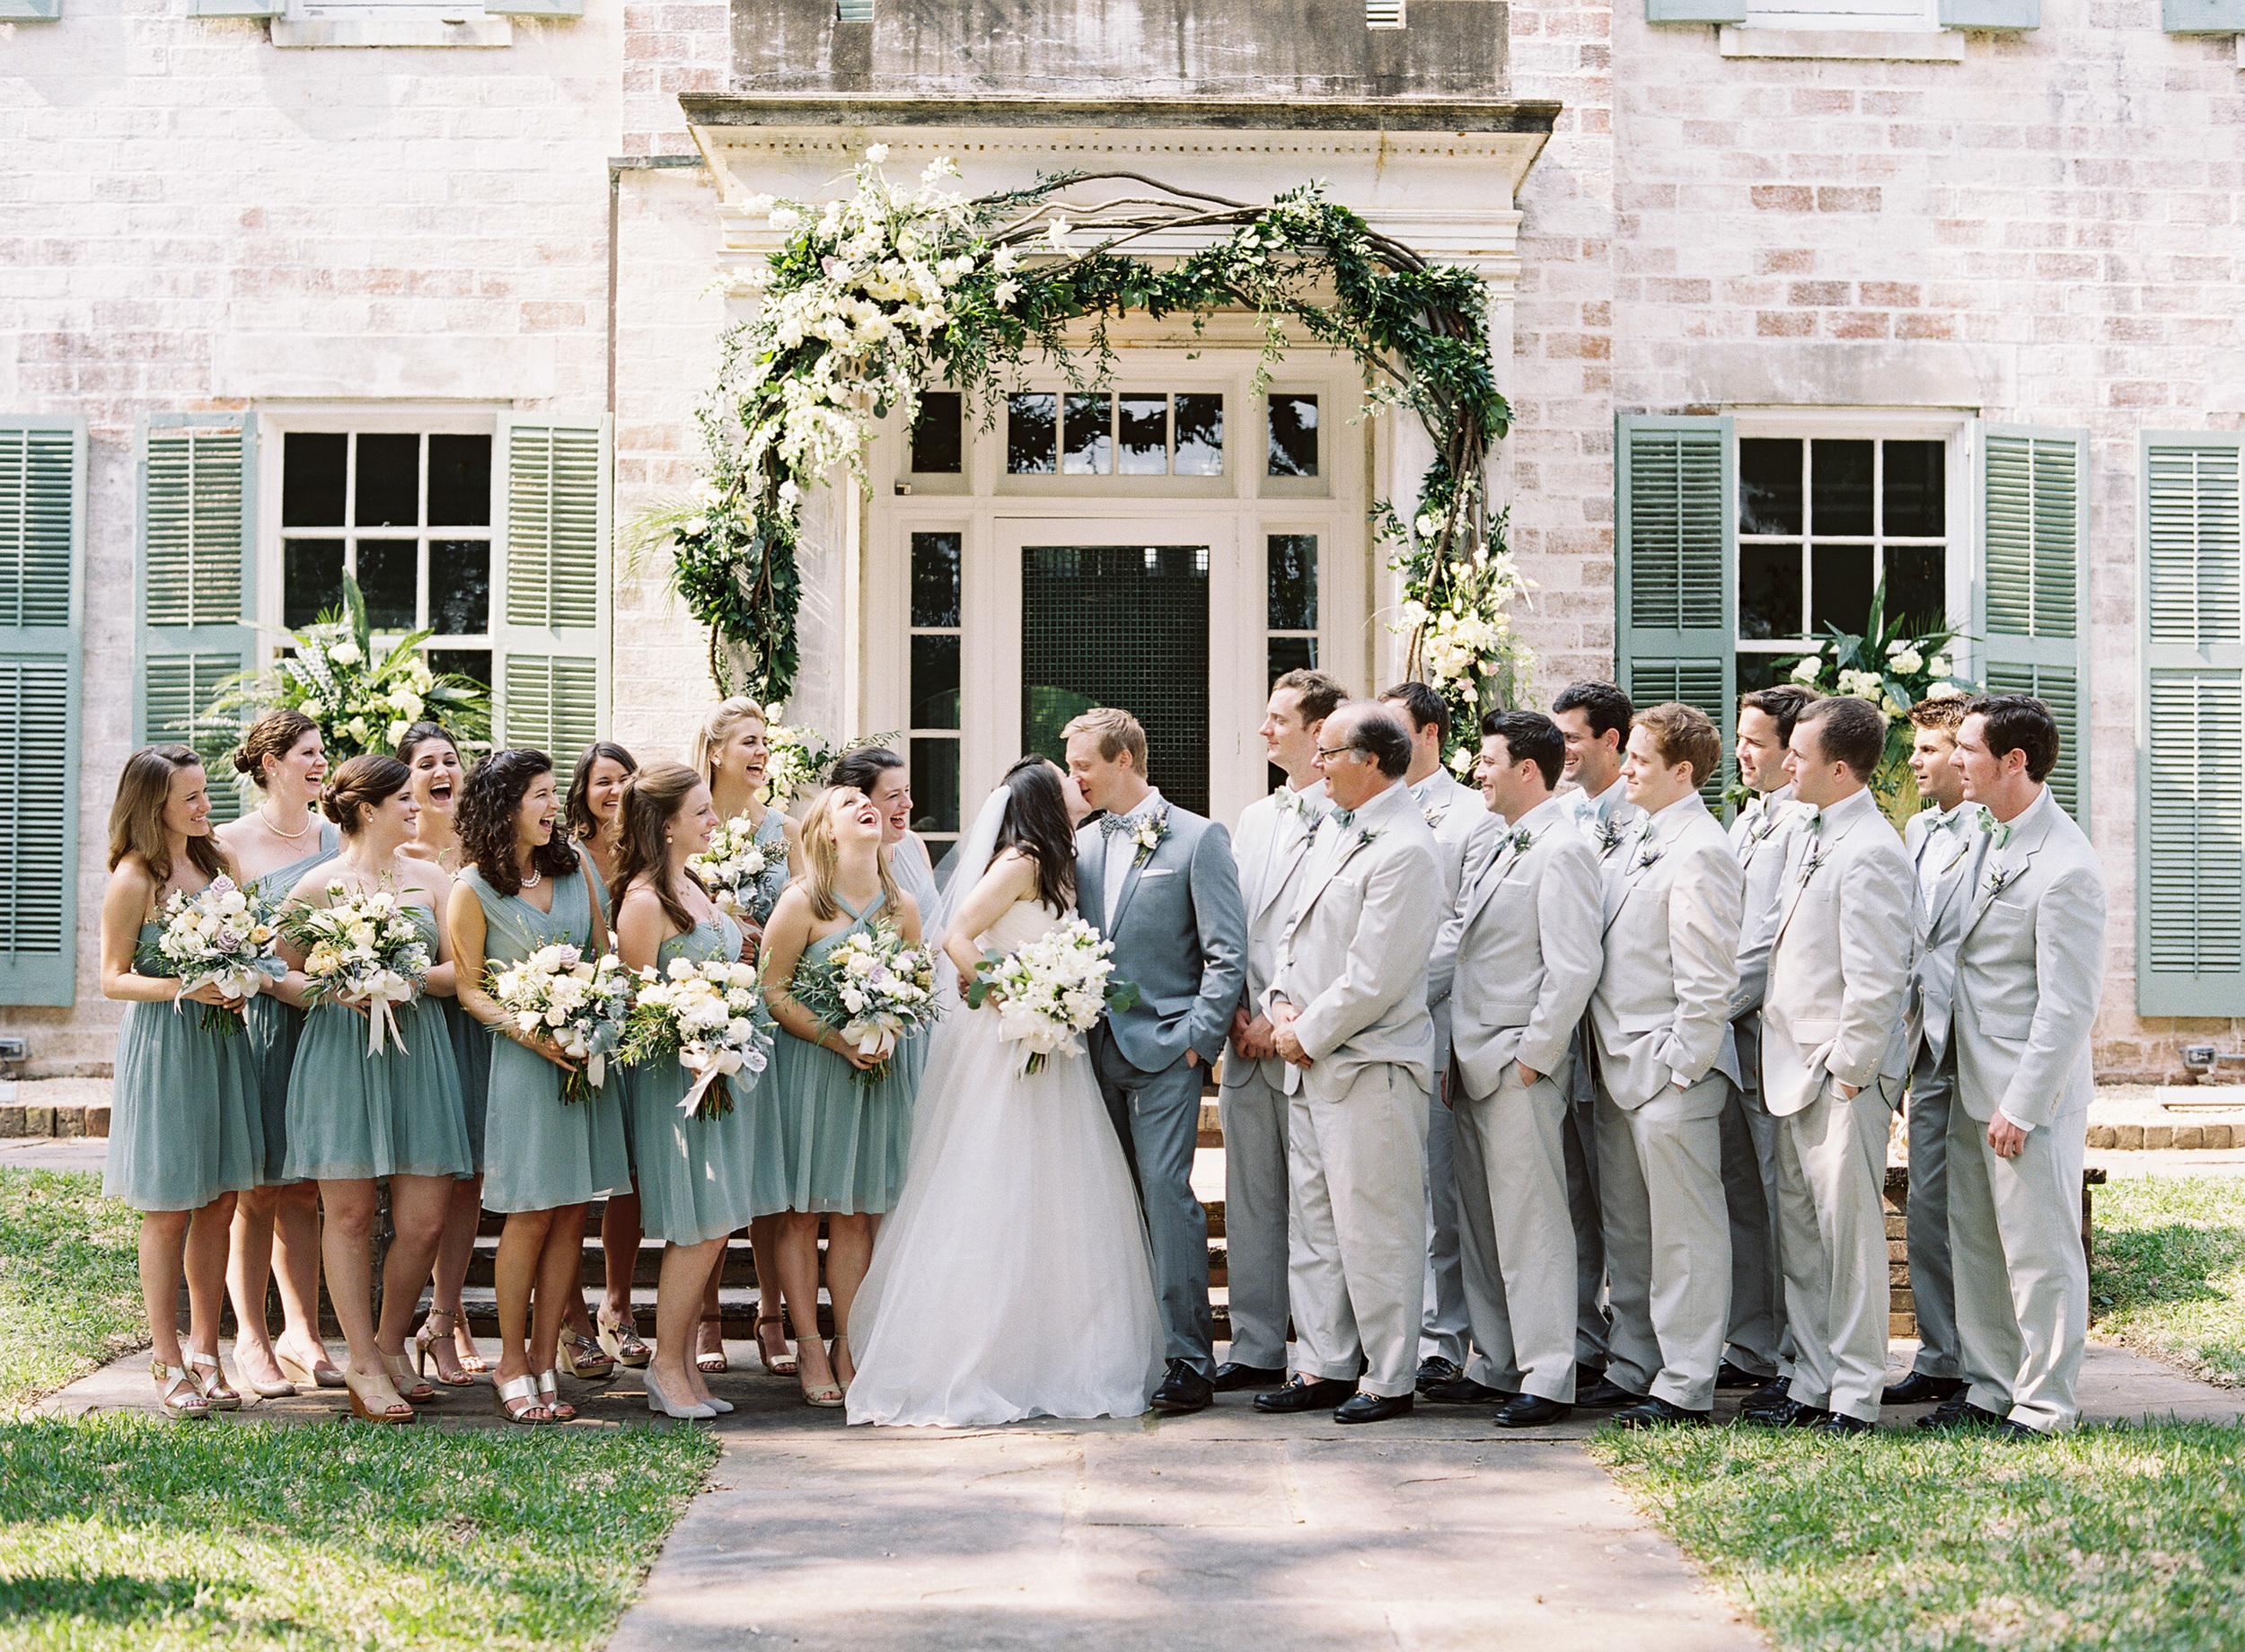 ahp_caroline-will_wedding party_006884-R1-007.jpg